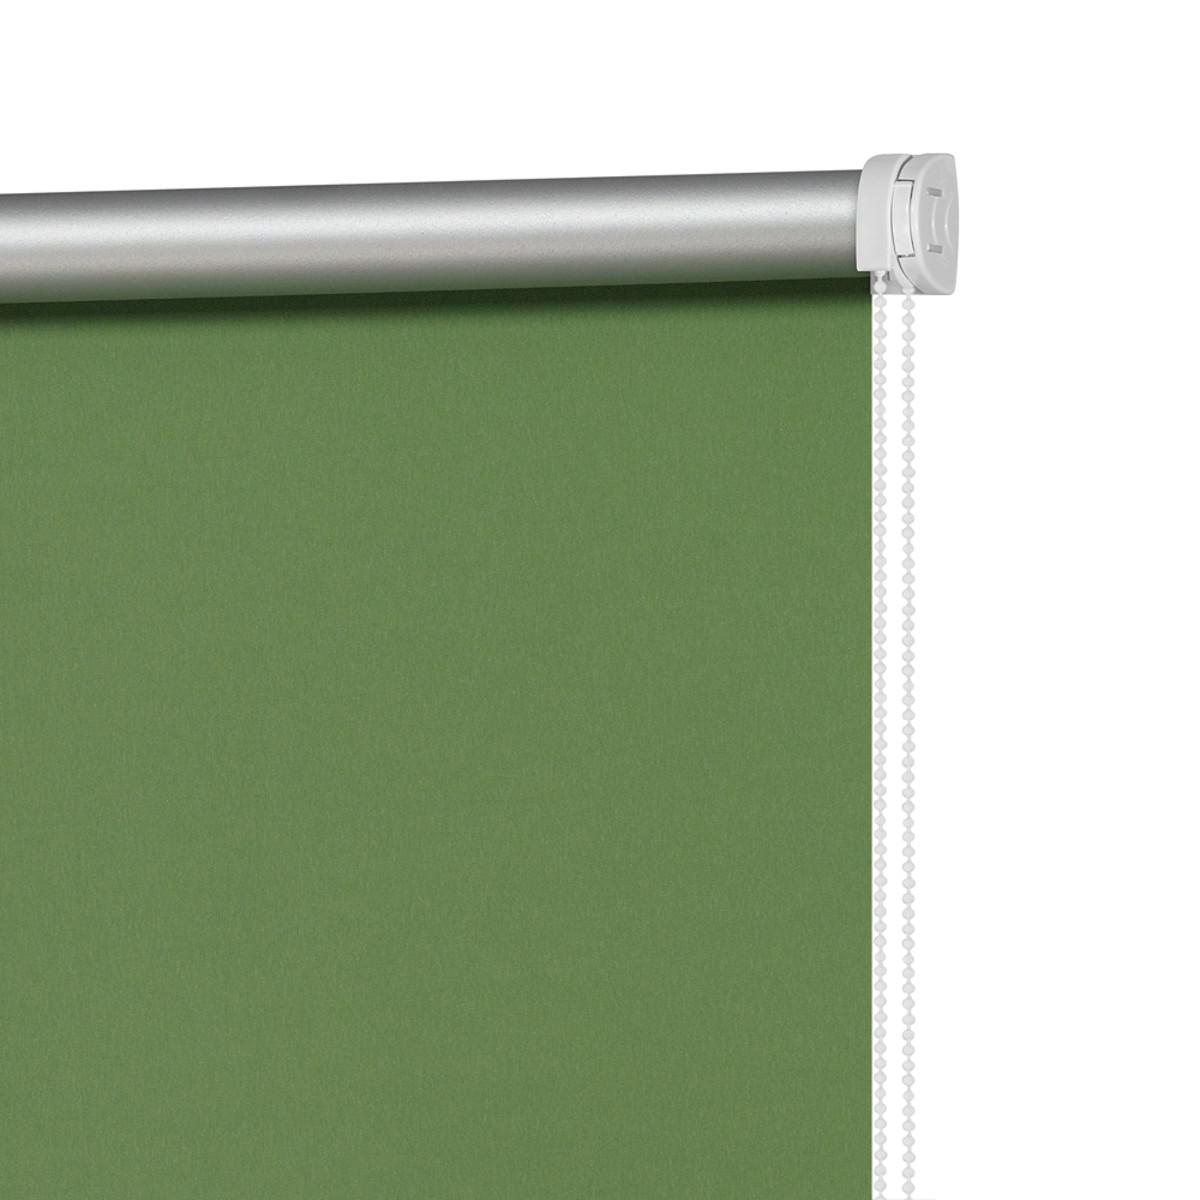 Рулонная Ора Decofest Блэкаут Плайн 120Х160 Цвет Зеленый